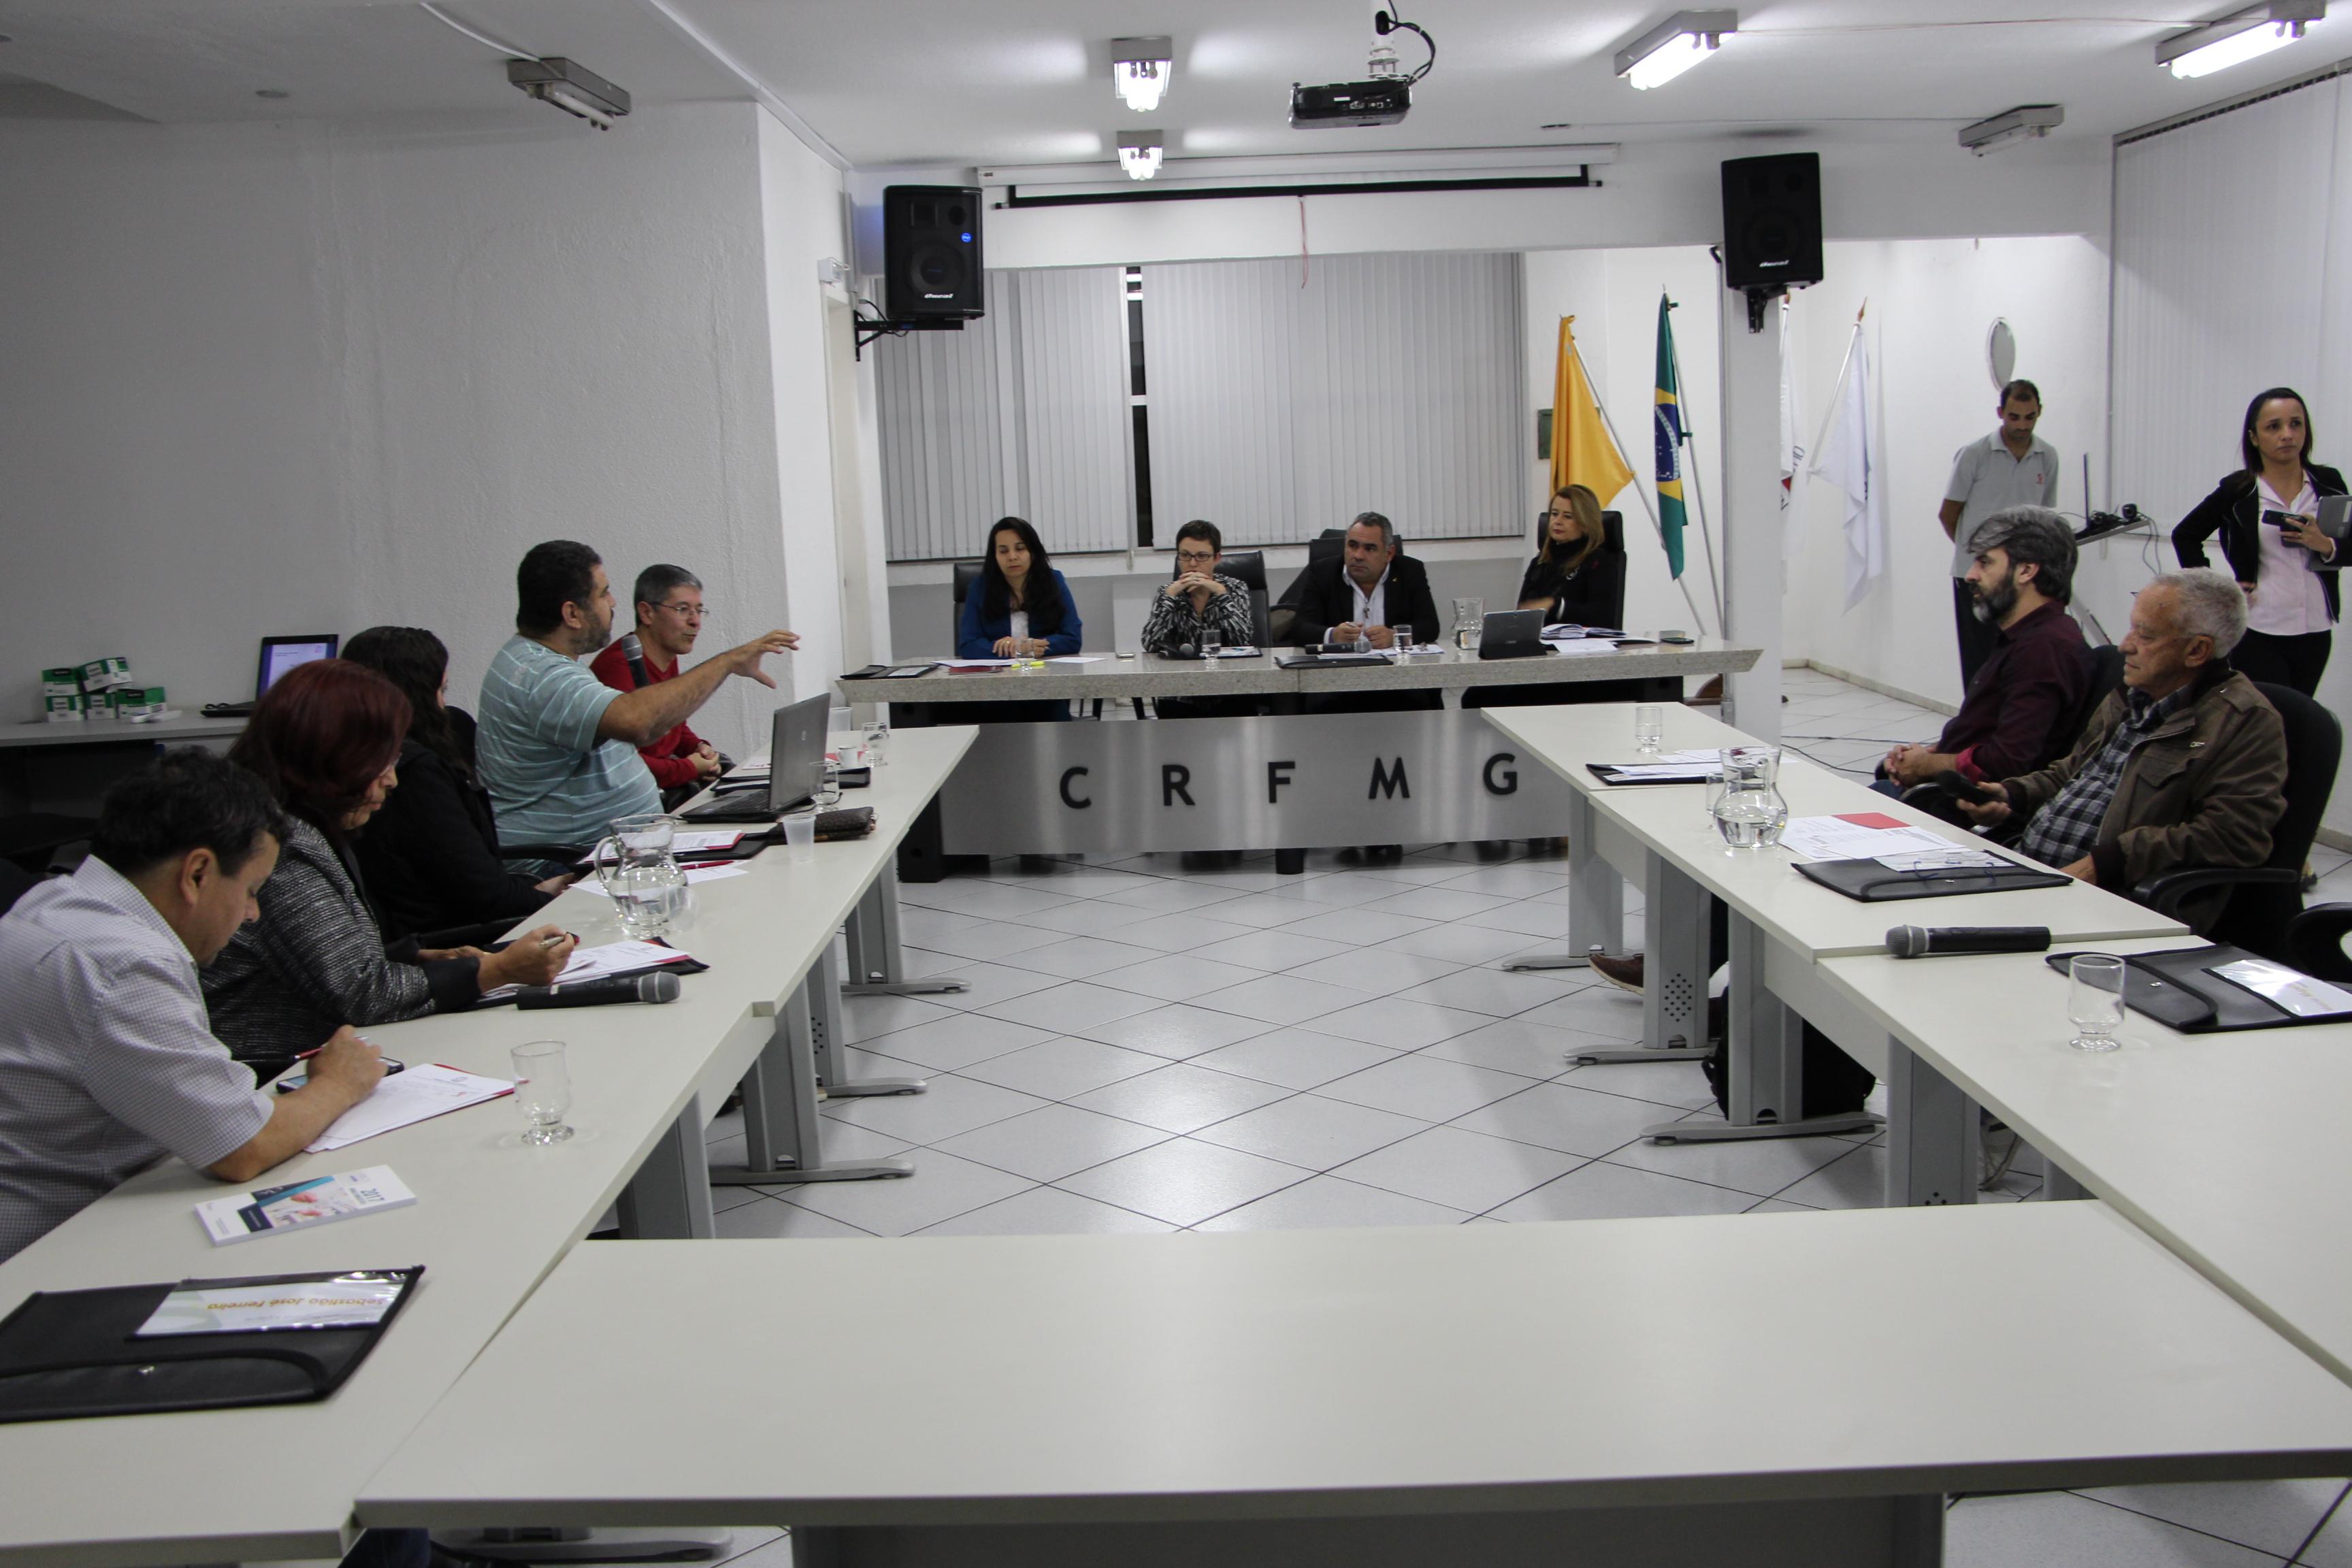 Plenária Extraordinária do CRF/MG debate temas técnicos importantes para a profissão farmacêutica